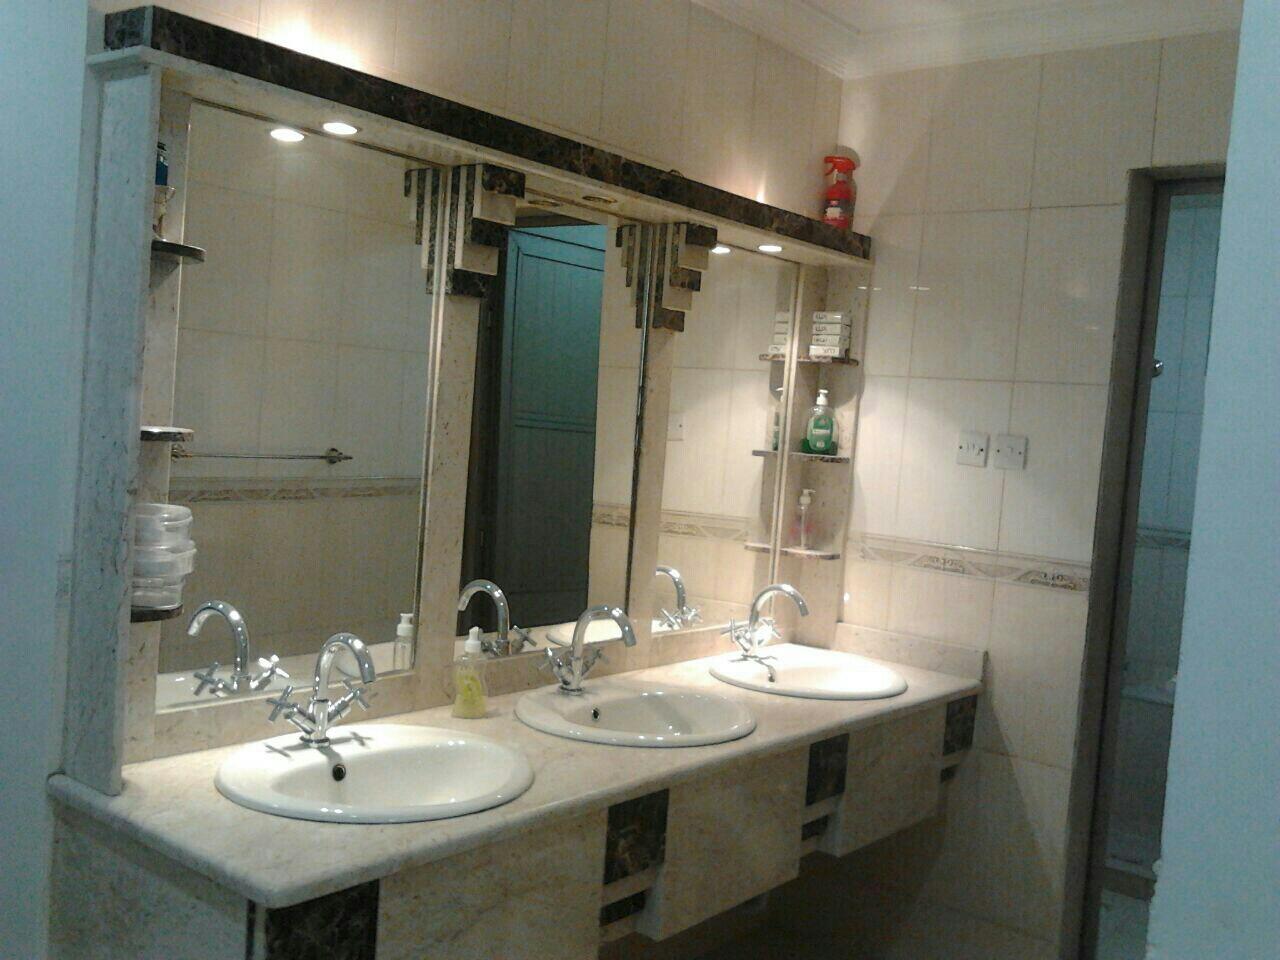 بالصور اشكال مغاسل رخام طبيعي , احواض حمام رخامى شيك جدا 2859 2